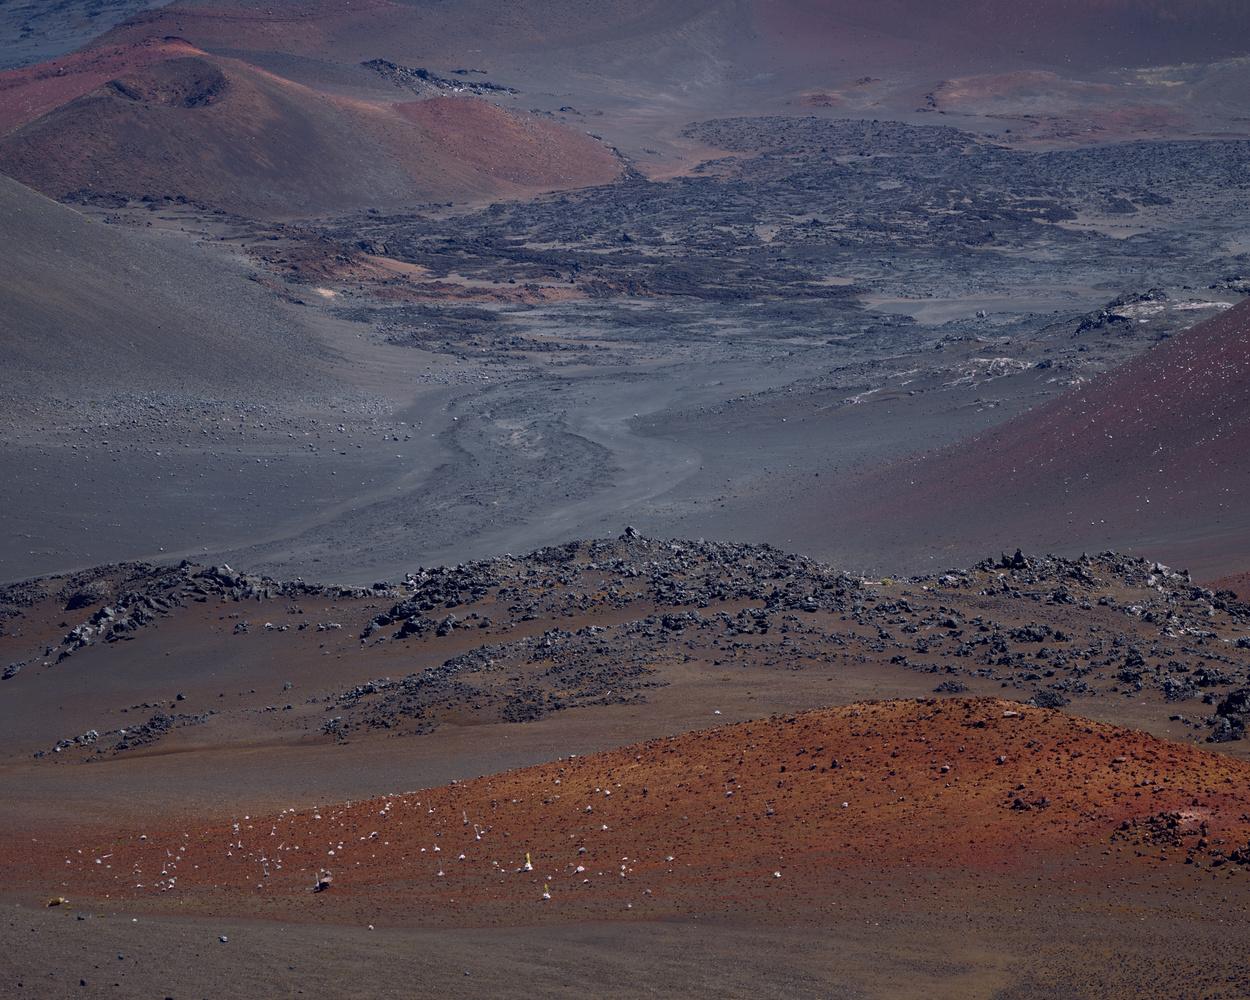 Arcadia Planitia by Zac Henderson